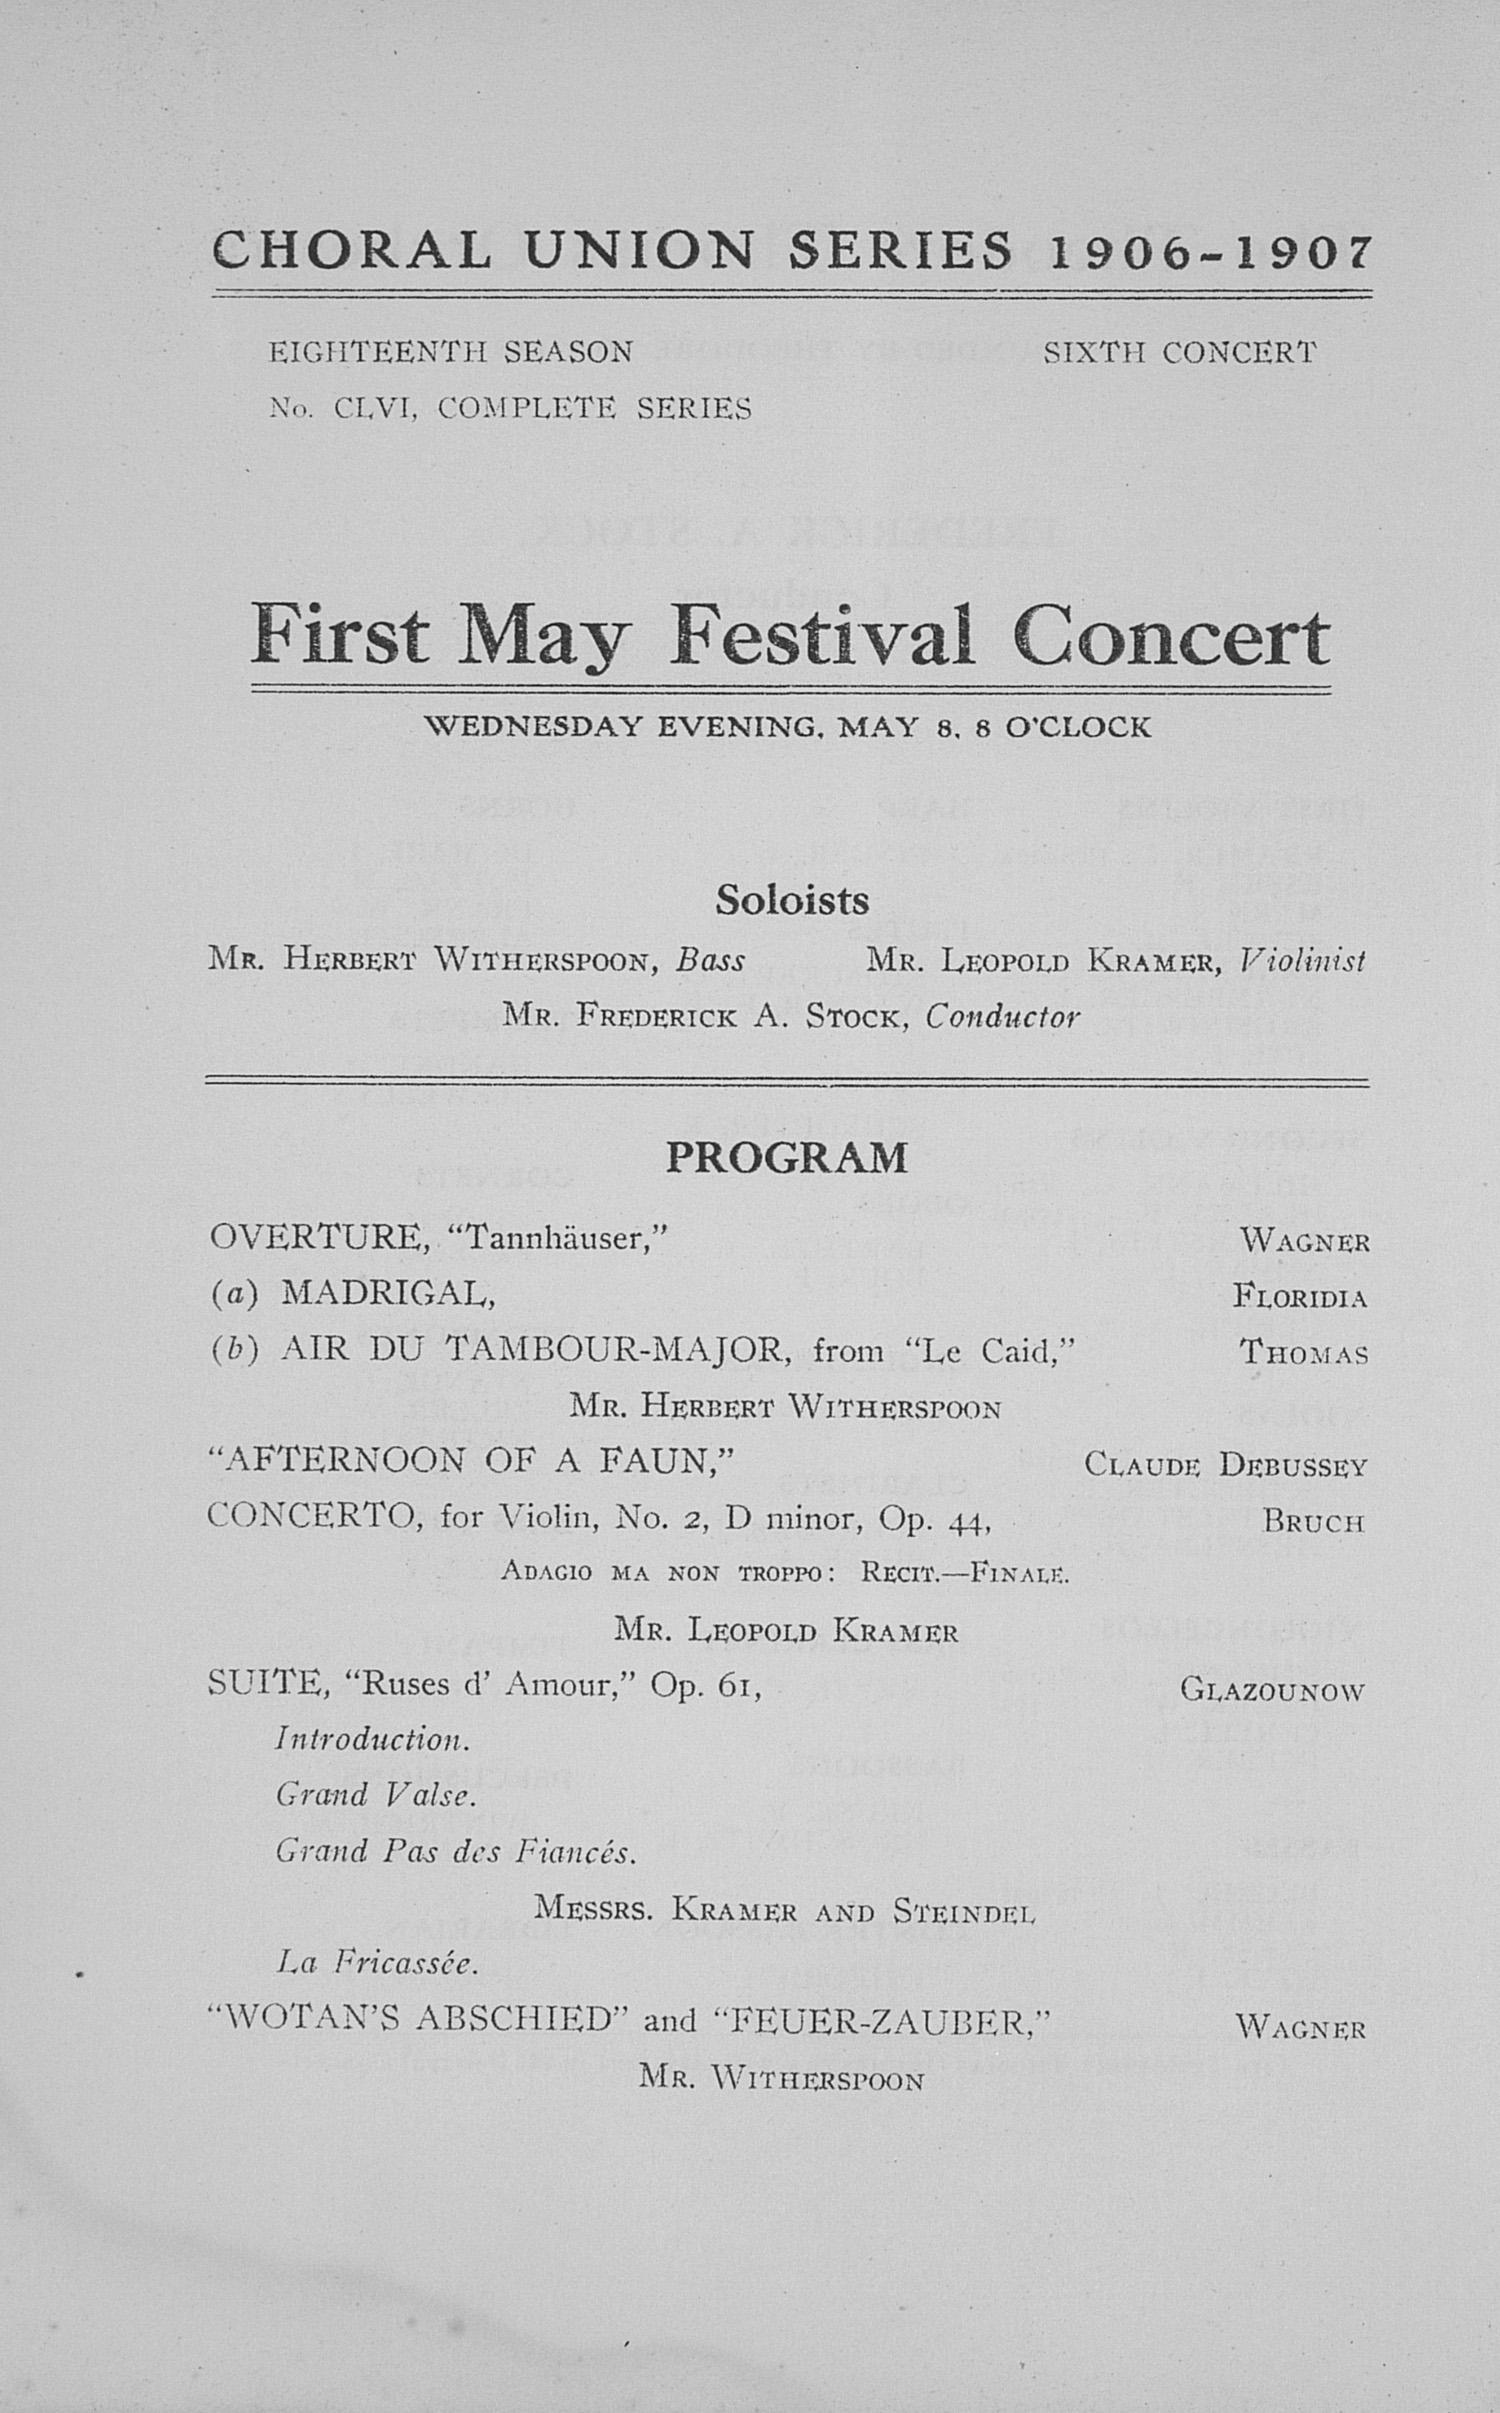 UMS Concert Program, May 8, 9, 10, 11, 1907: Fourteenth